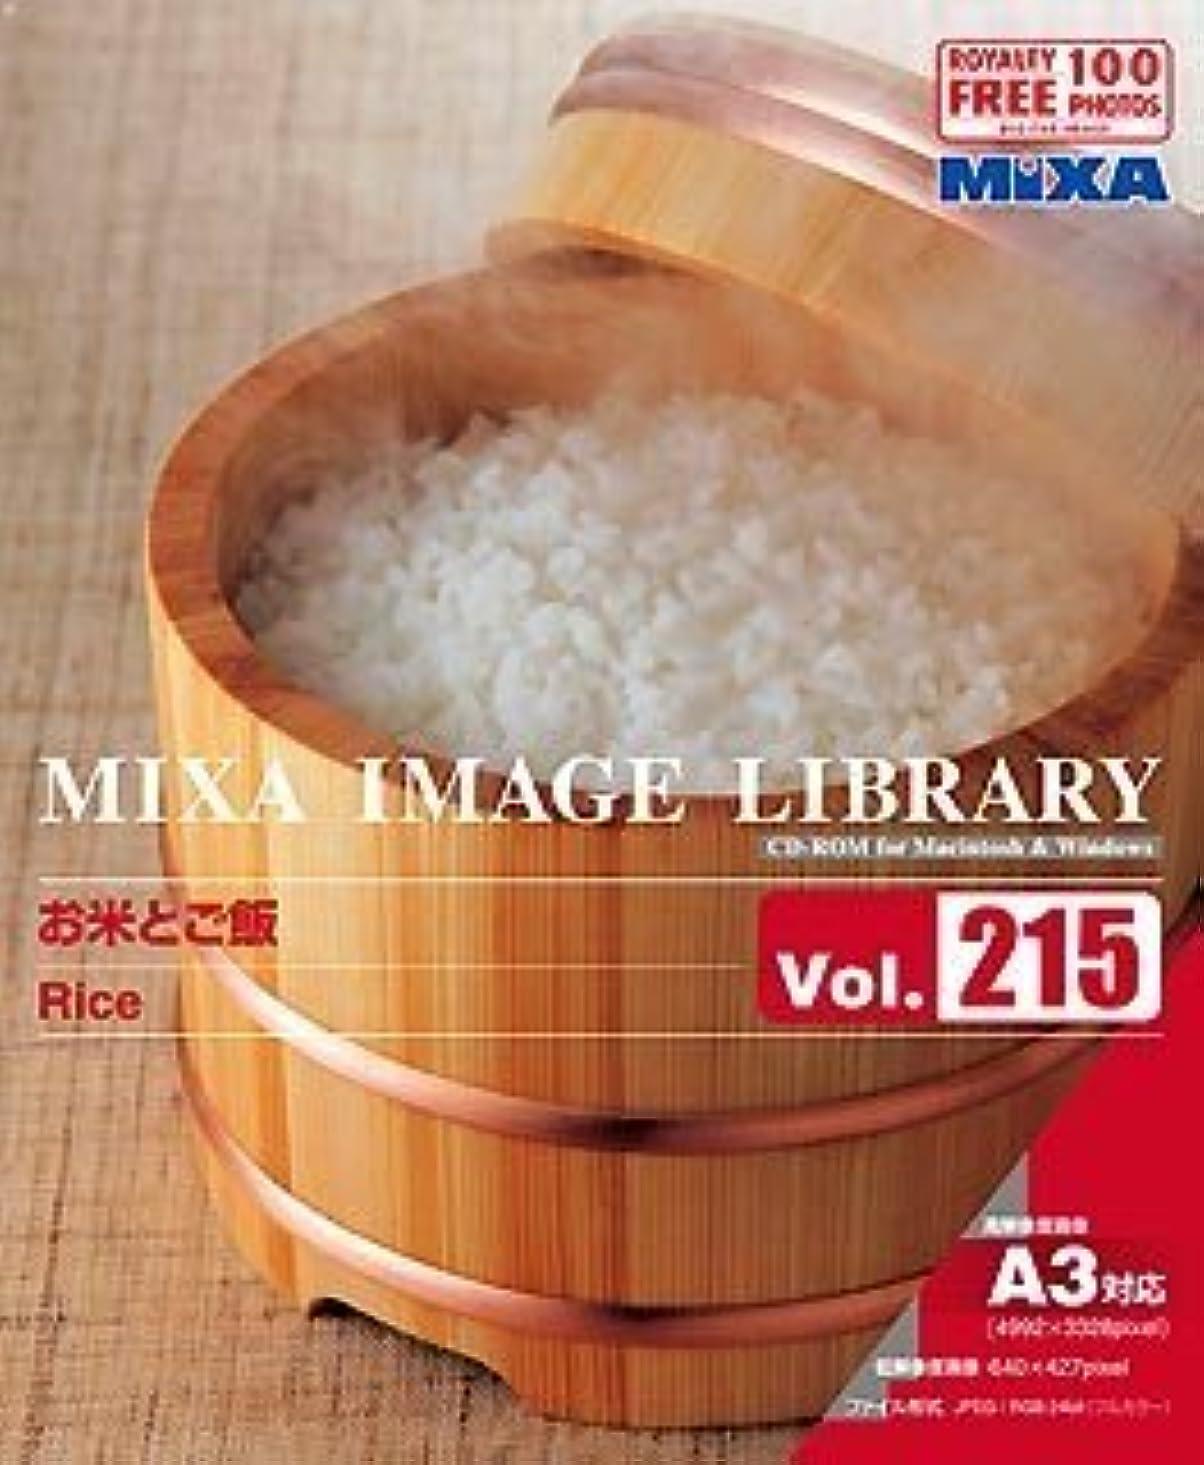 ペインギリックリンス長さMIXA Image Library Vol.215 お米とご飯